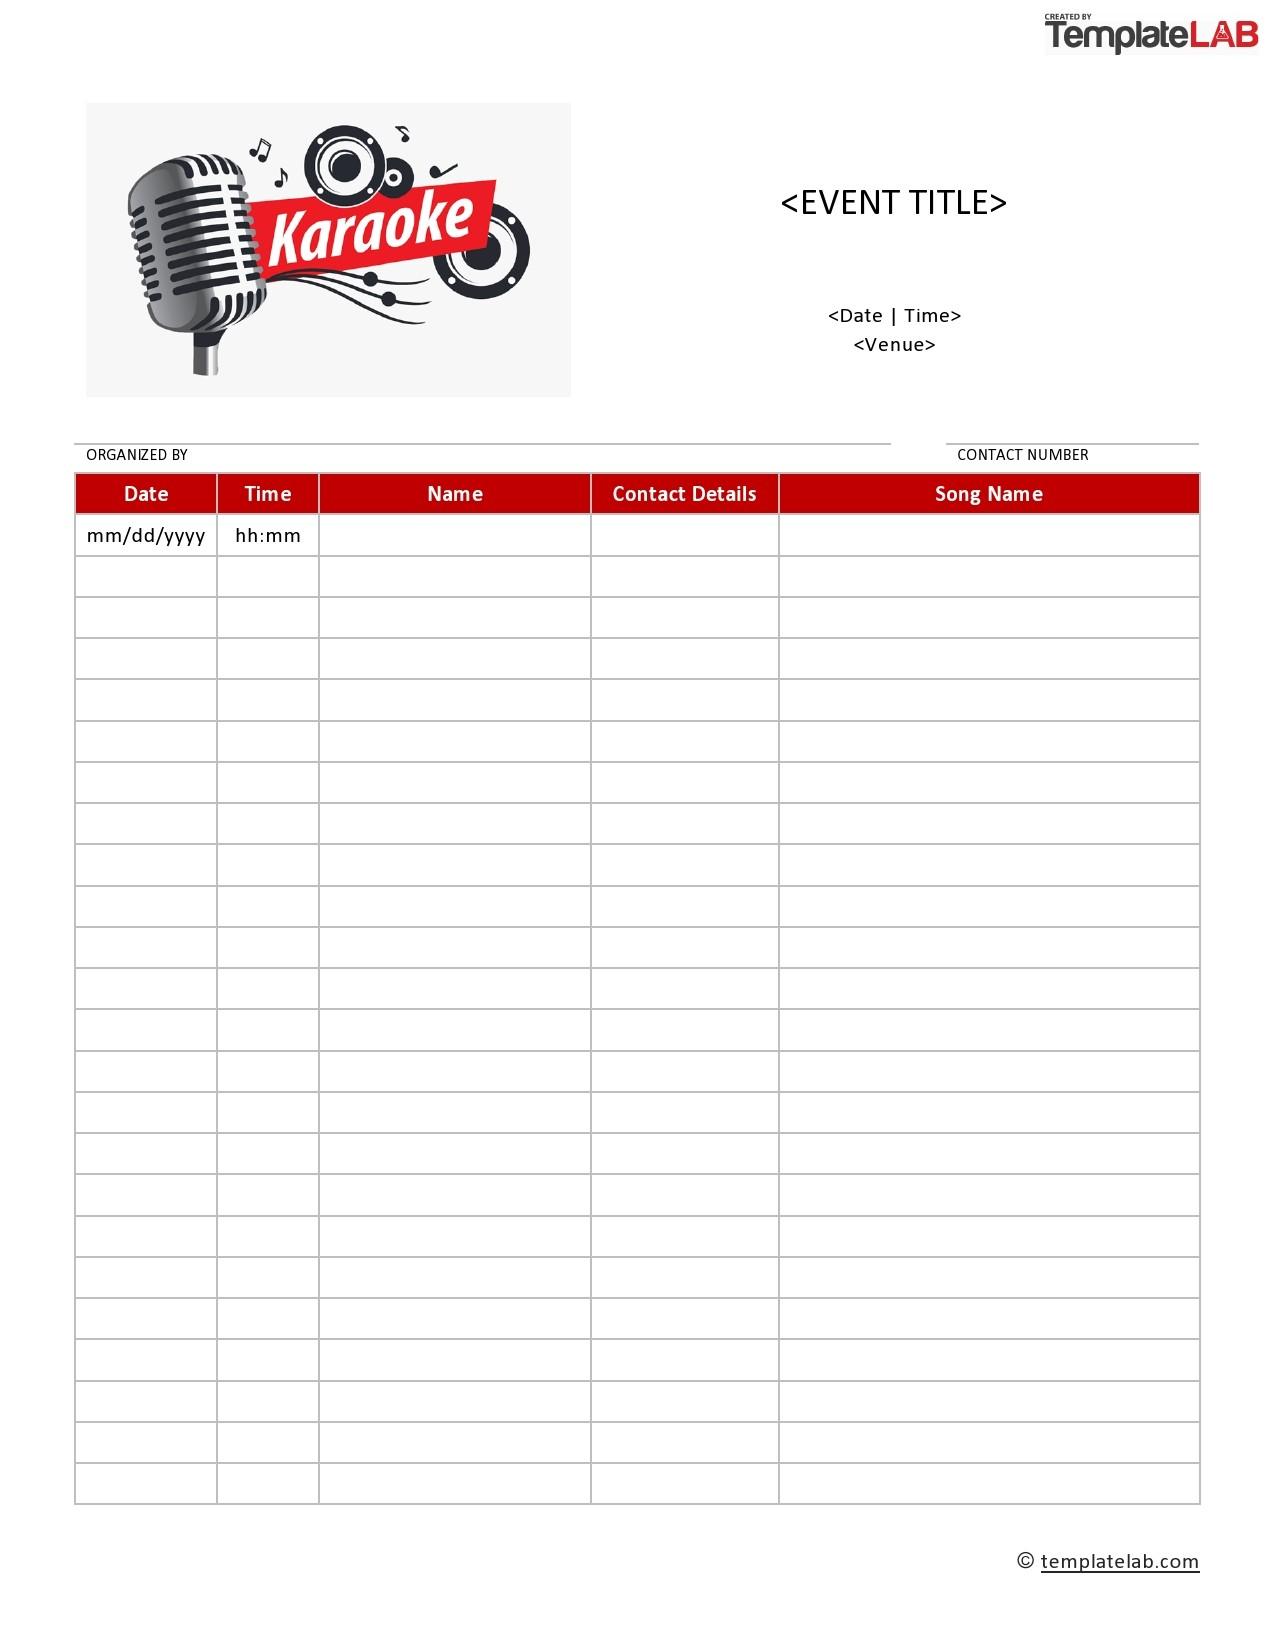 Free Karaoke Sign Up Sheet